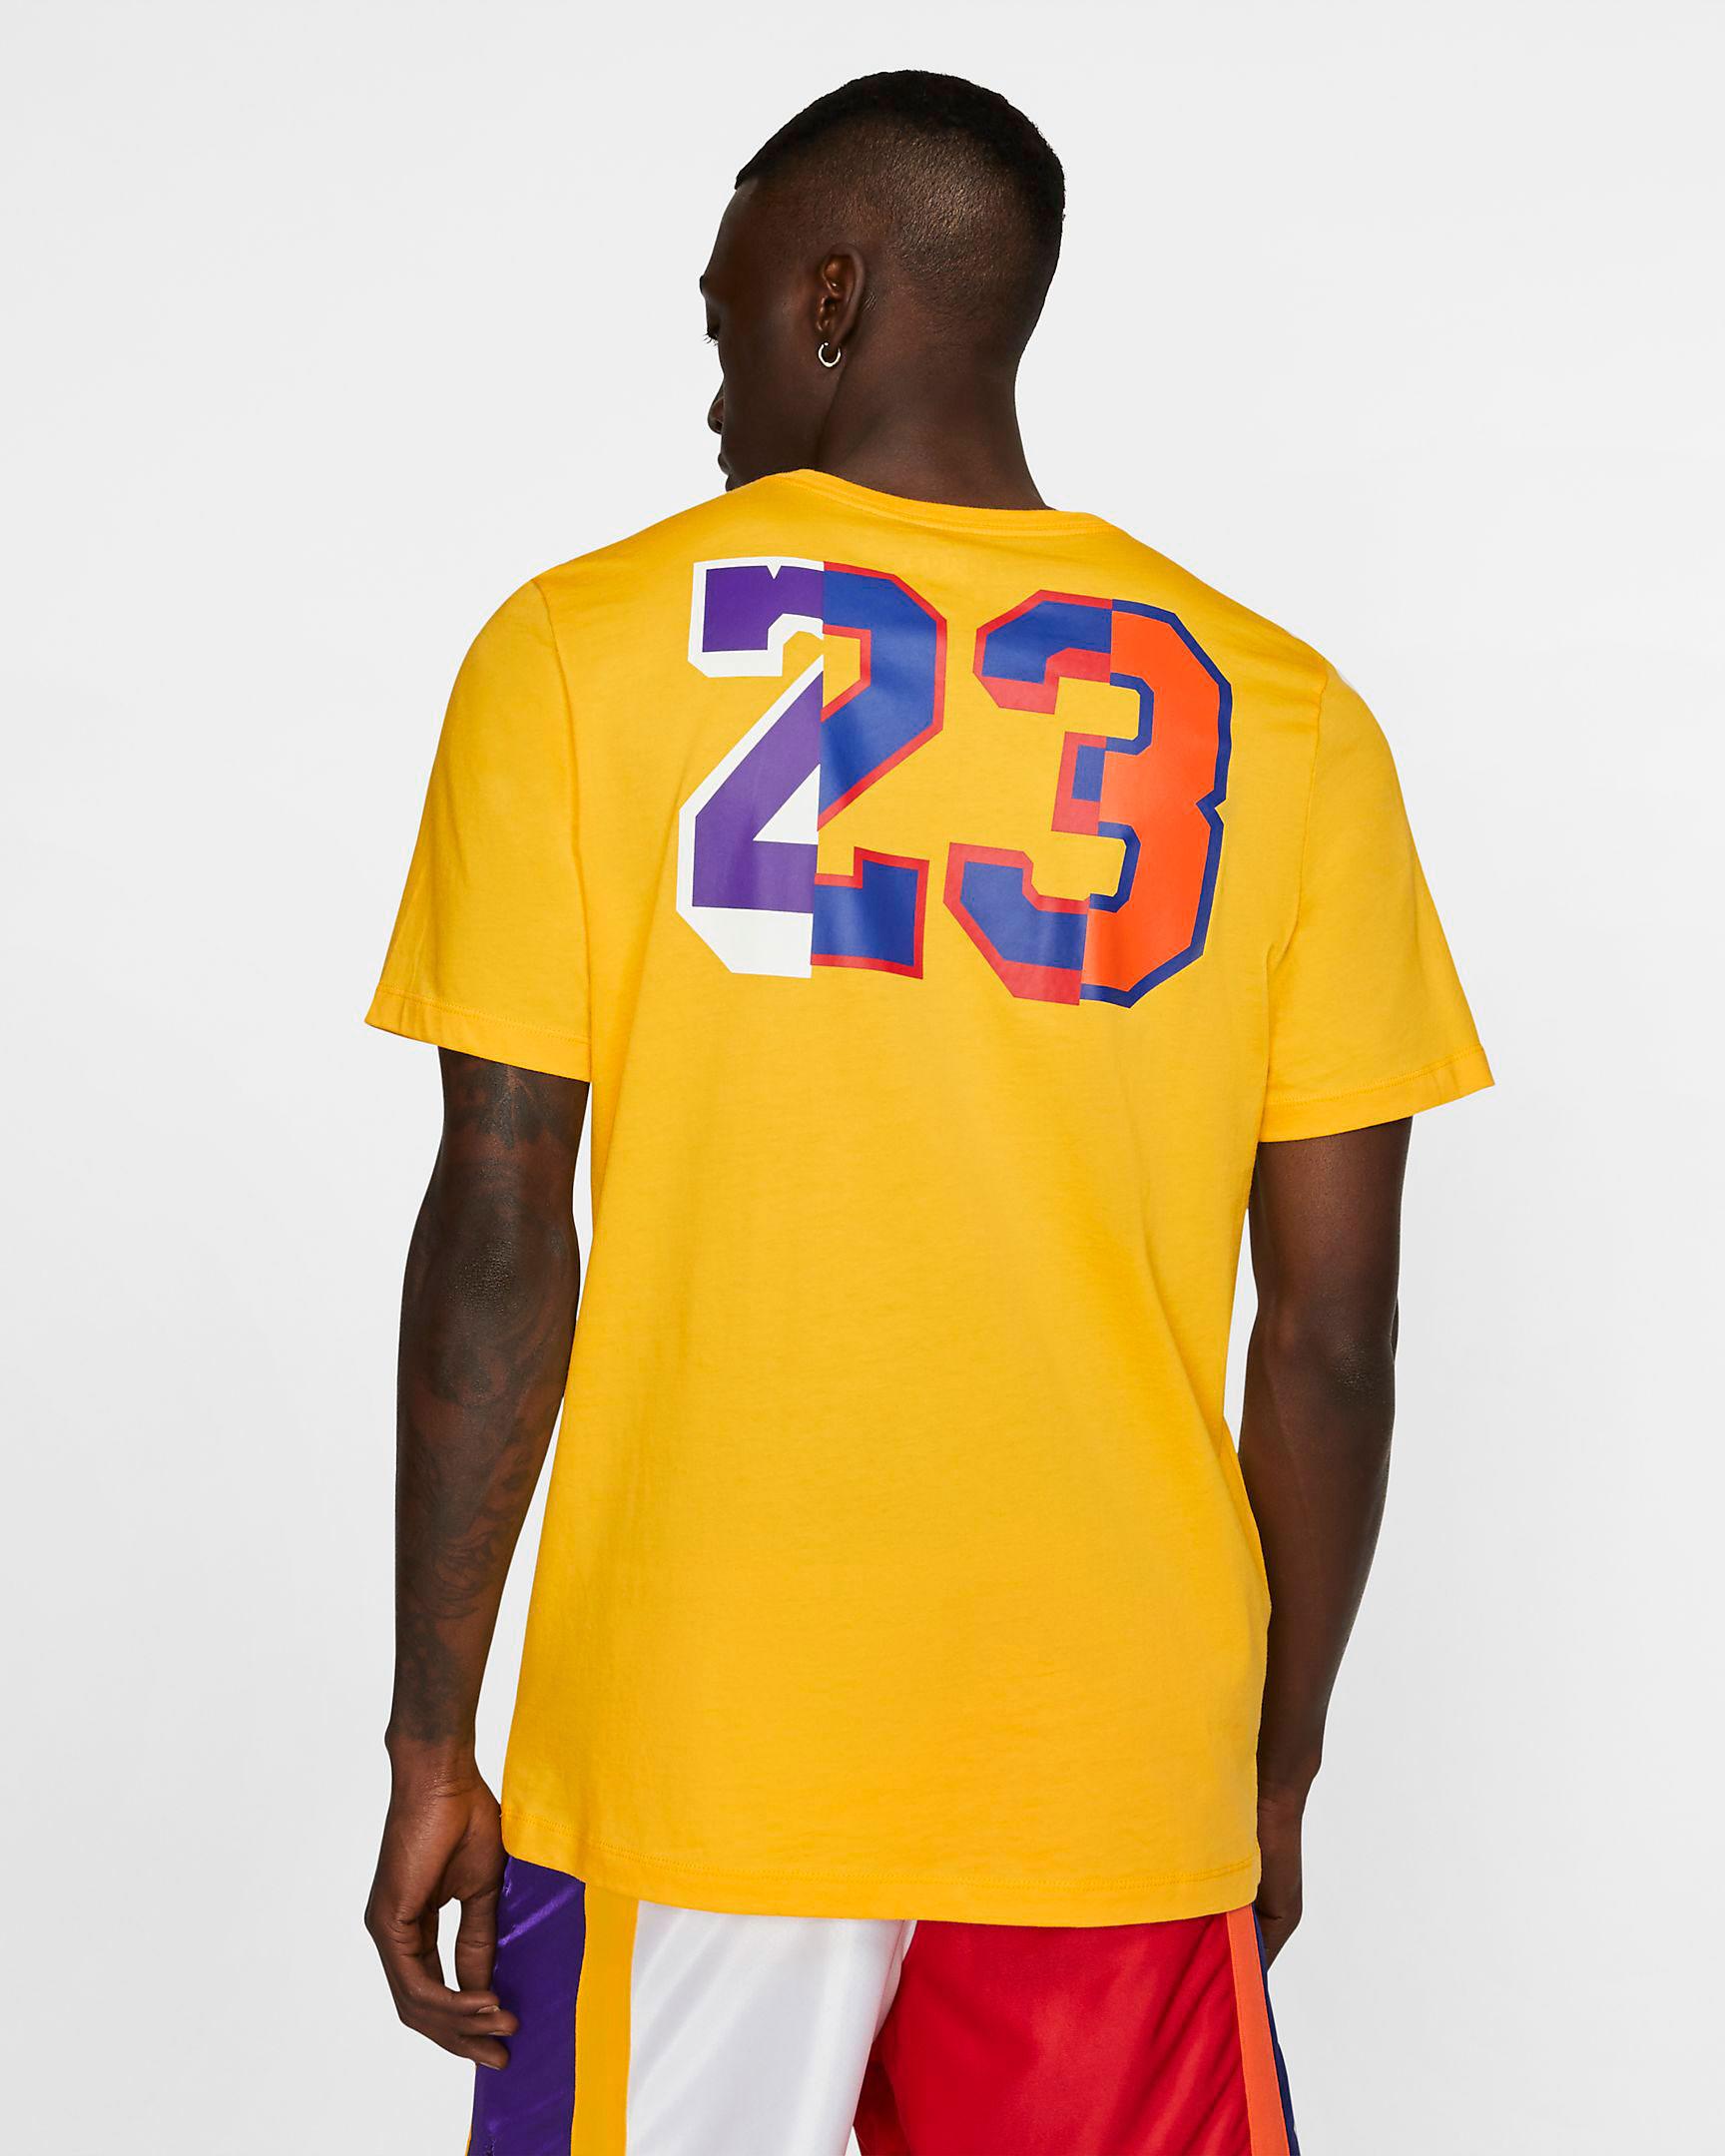 lakers-jordan-13-rivals-tee-shirt-yellow-2